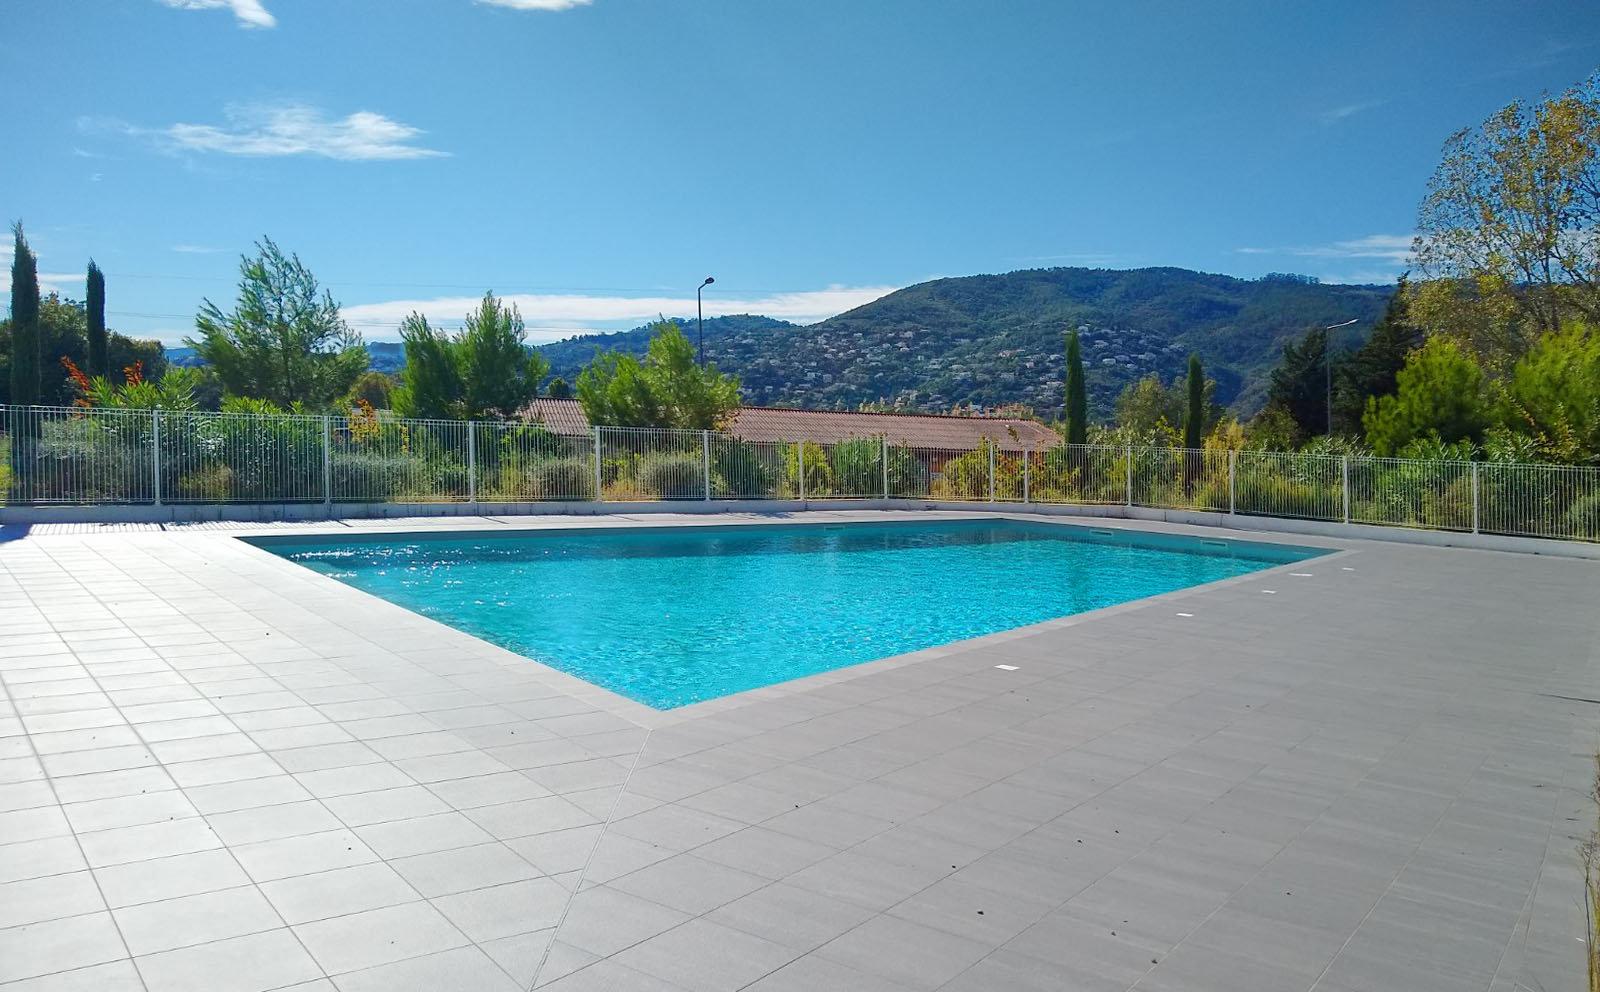 Neuwertiger Zustand, Hanglage mit Blick auf die Berge, in einer Residenz mit Swimmingpool: